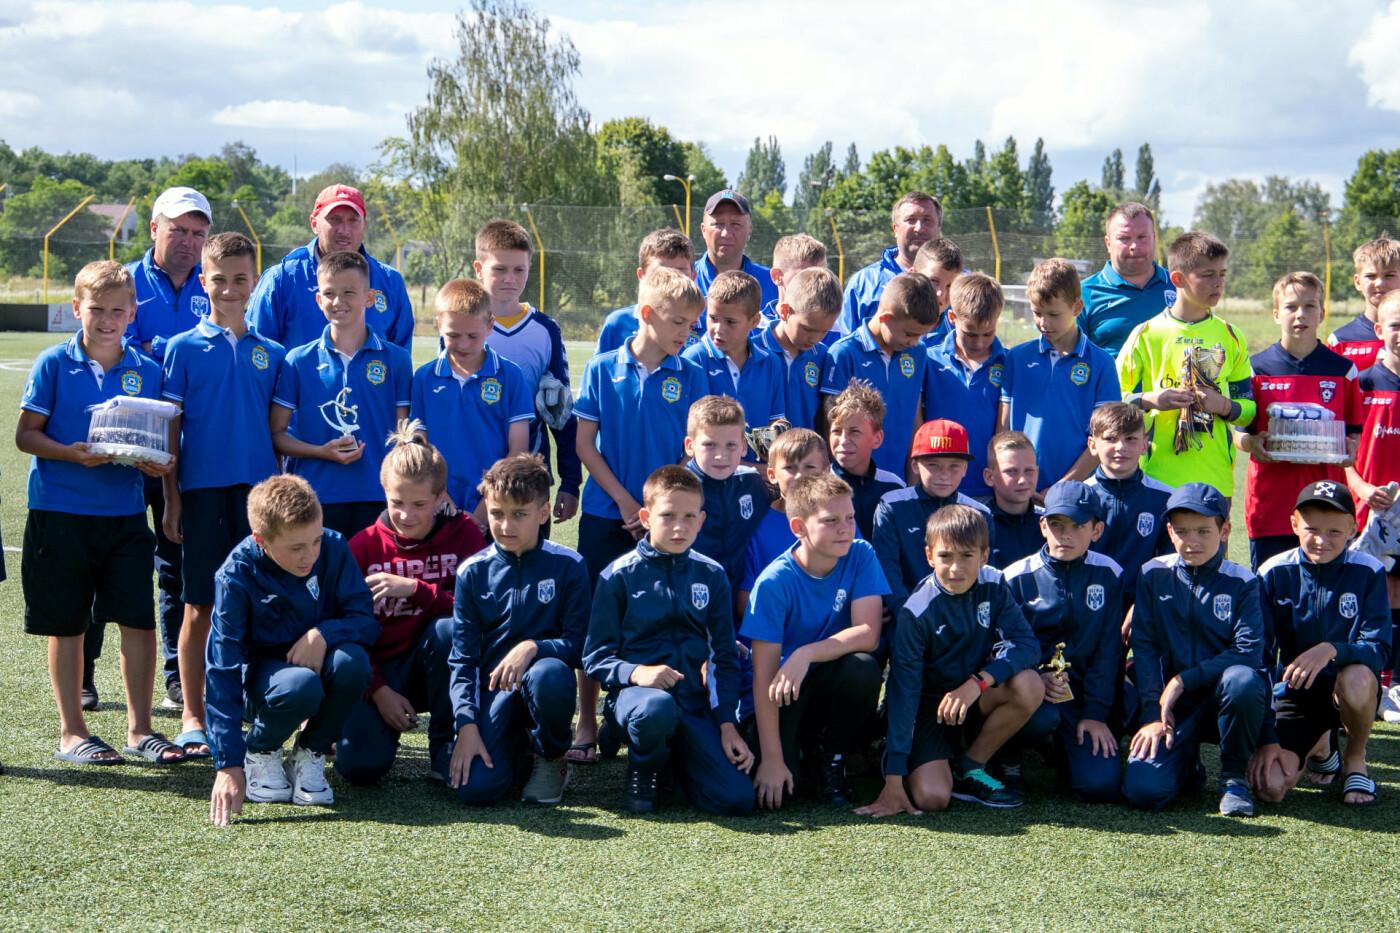 Чернігів прийняв у себе відкритий турнір з футболу: місцеві юнаки поза п'єдесталом, фото-4